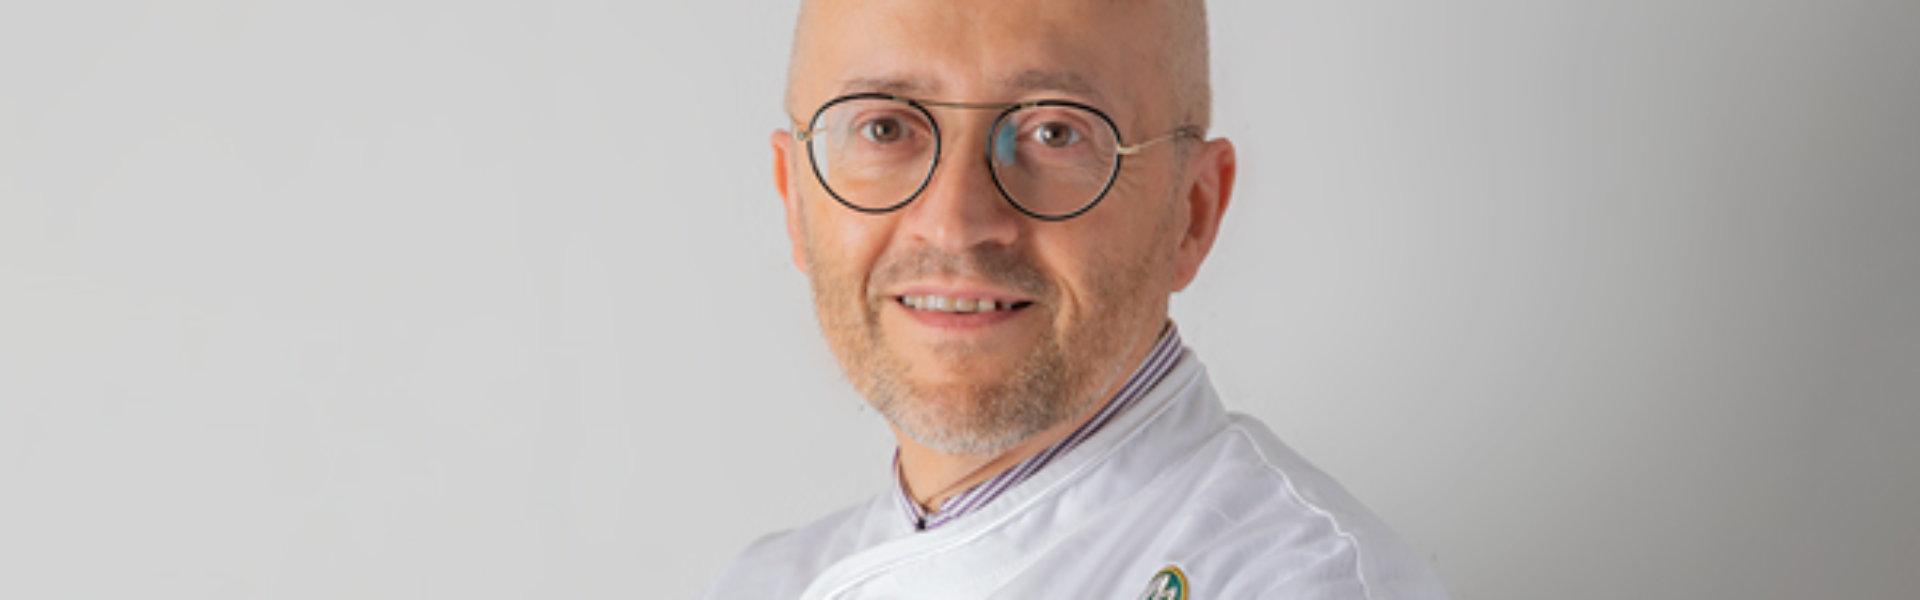 Felice Siccardi, Docente - Unica